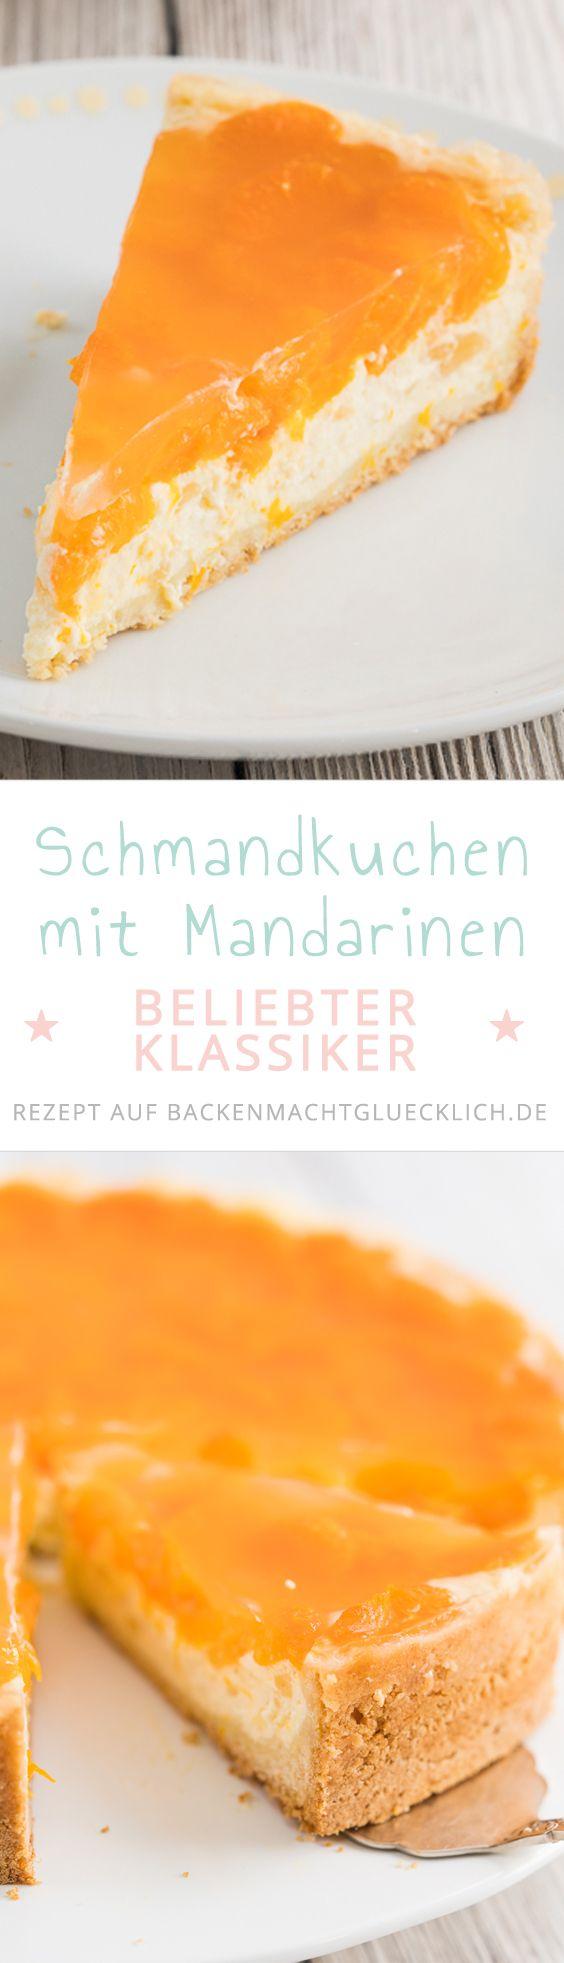 Bei dieser cremigen Mandarinen-Schmand-Torte handelt es sich um einen echten Kuchenklassiker, der immer gut ankommt. Kein Wunder: der klassische Mürbteig, die sahnig-luftige Füllung und der fruchtige Belag ergeben einfach ein köstliches Team!